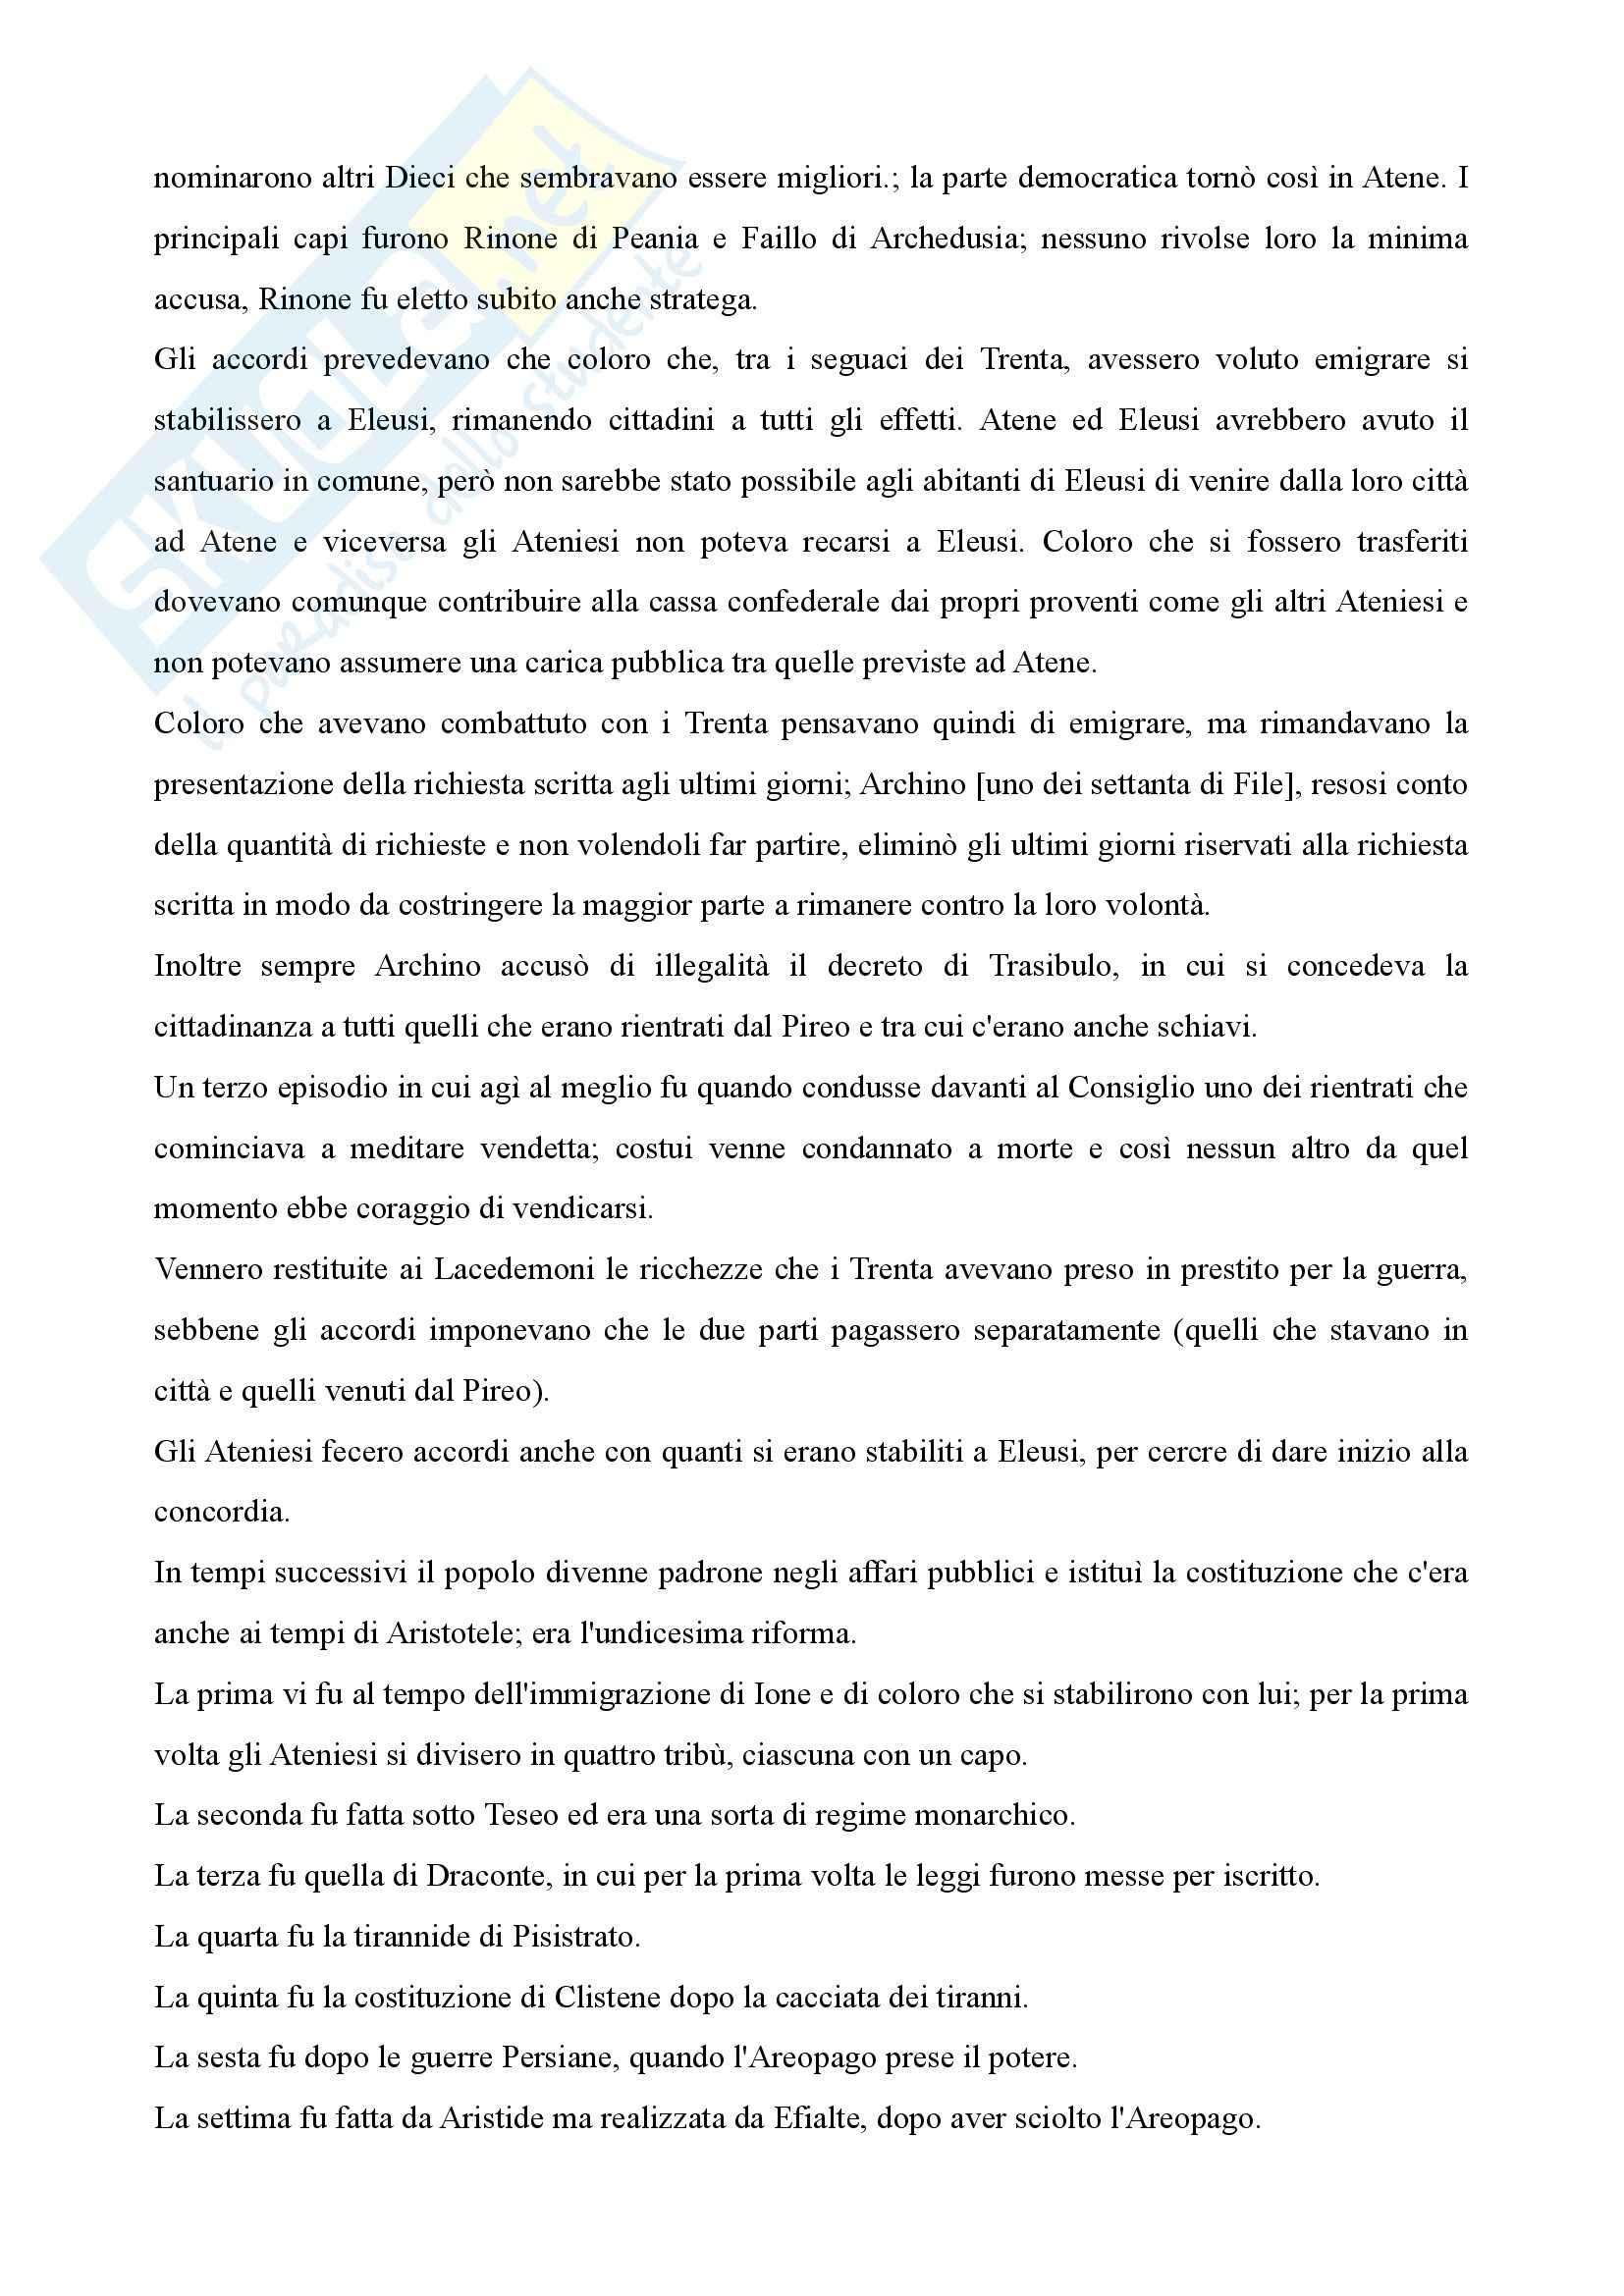 Storia greca - costituzione degli Ateniesi di Aristotele Pag. 11